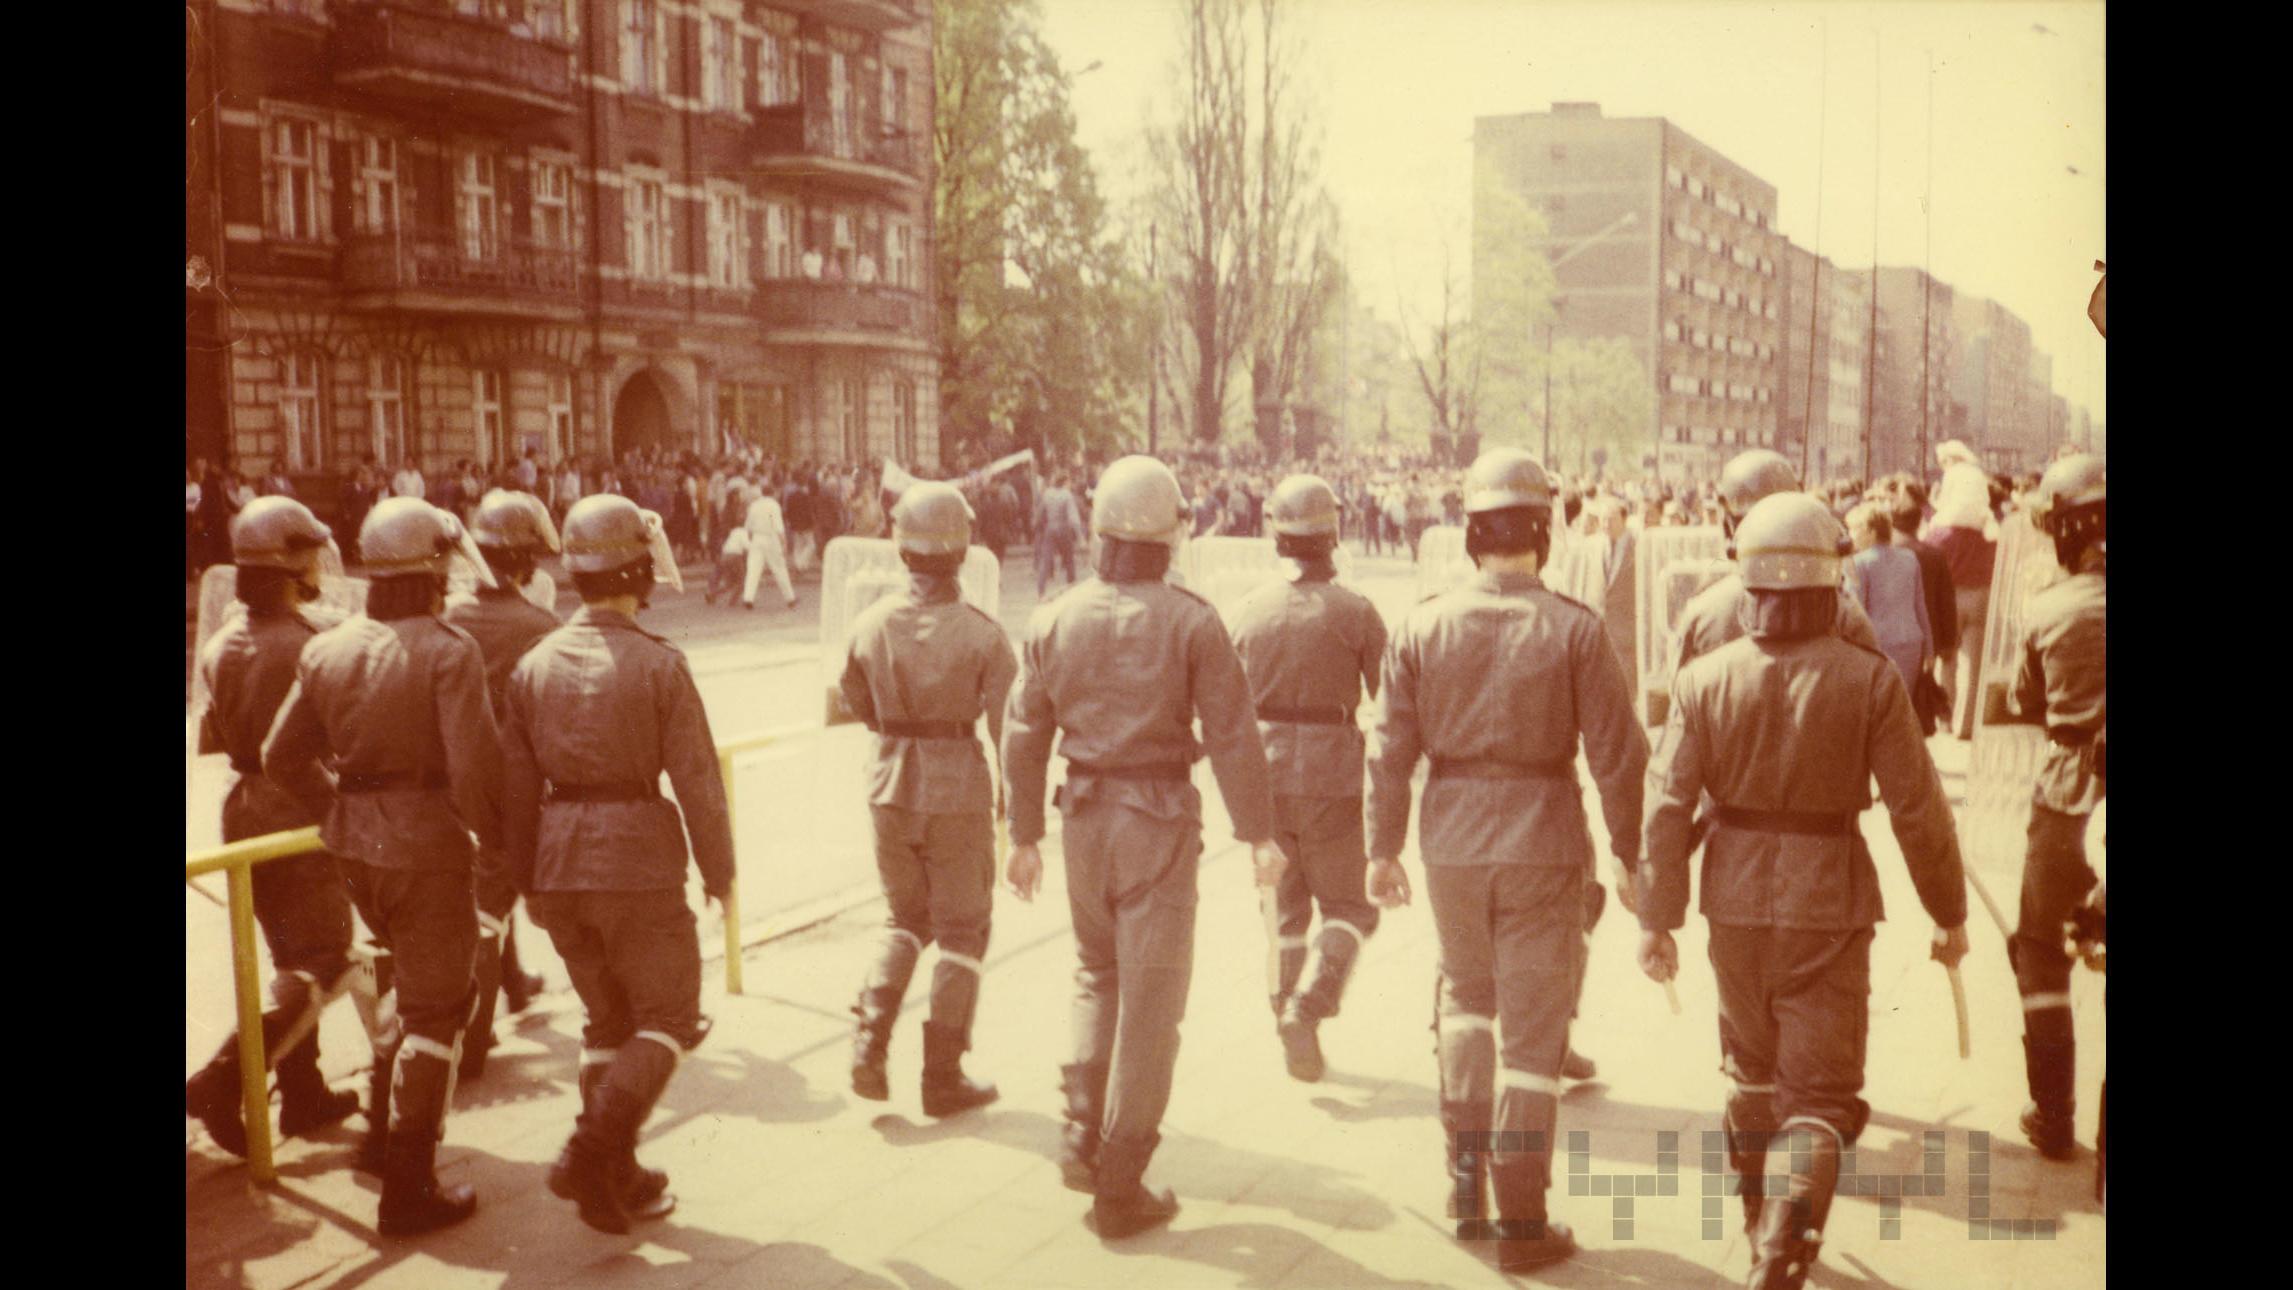 Opozycja demokratyczna w PRL - oddziały ZOMO pacyfikujące demonstrację wolnościową na ul. Głogowskiej, lata 80. ubiegłego wieku.